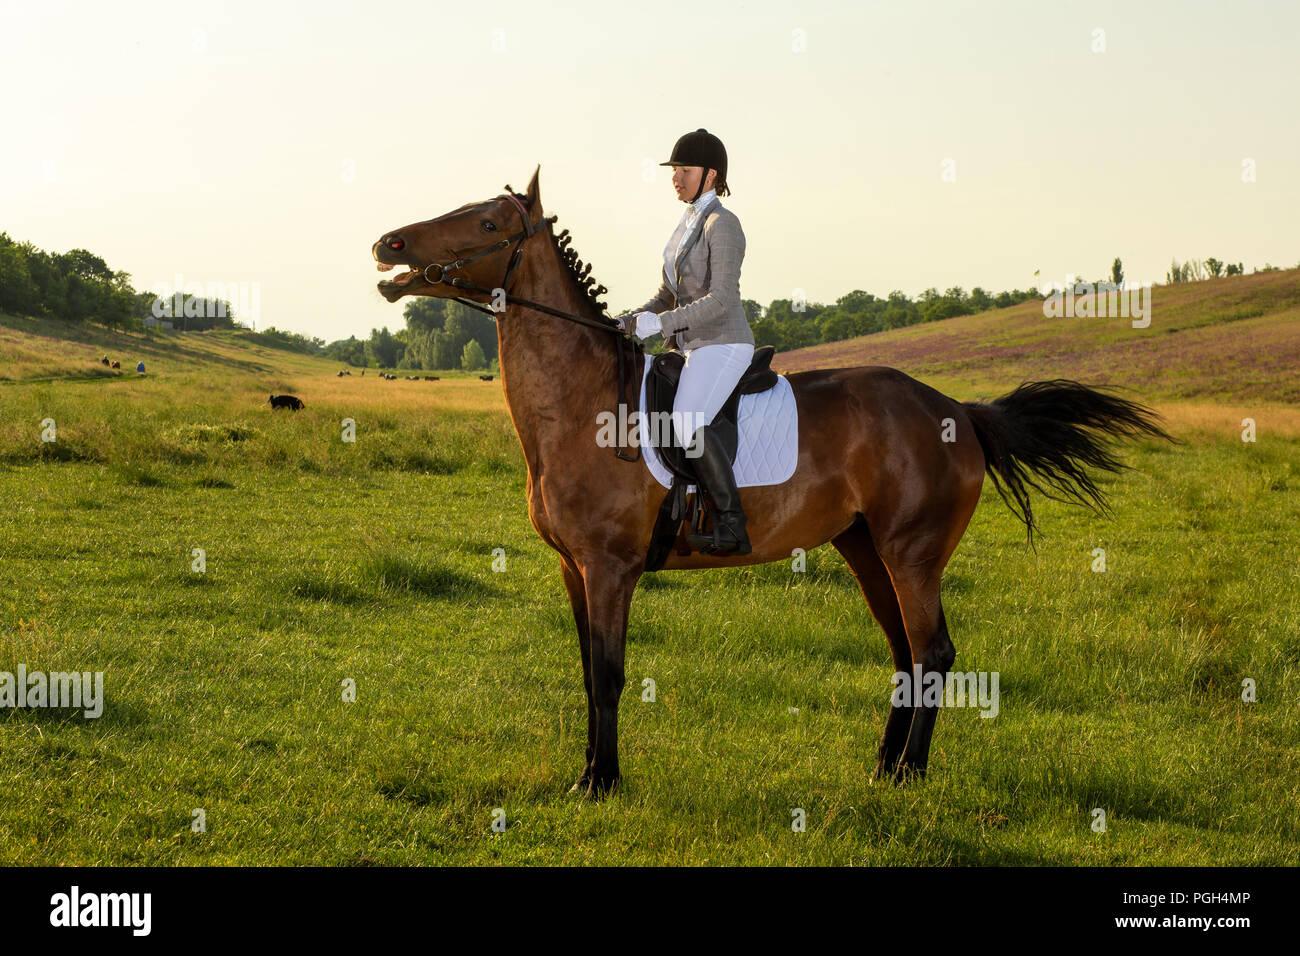 Jeune femme à cheval sur le champ vert. L'équitation. La concurrence. Hobby Photo Stock